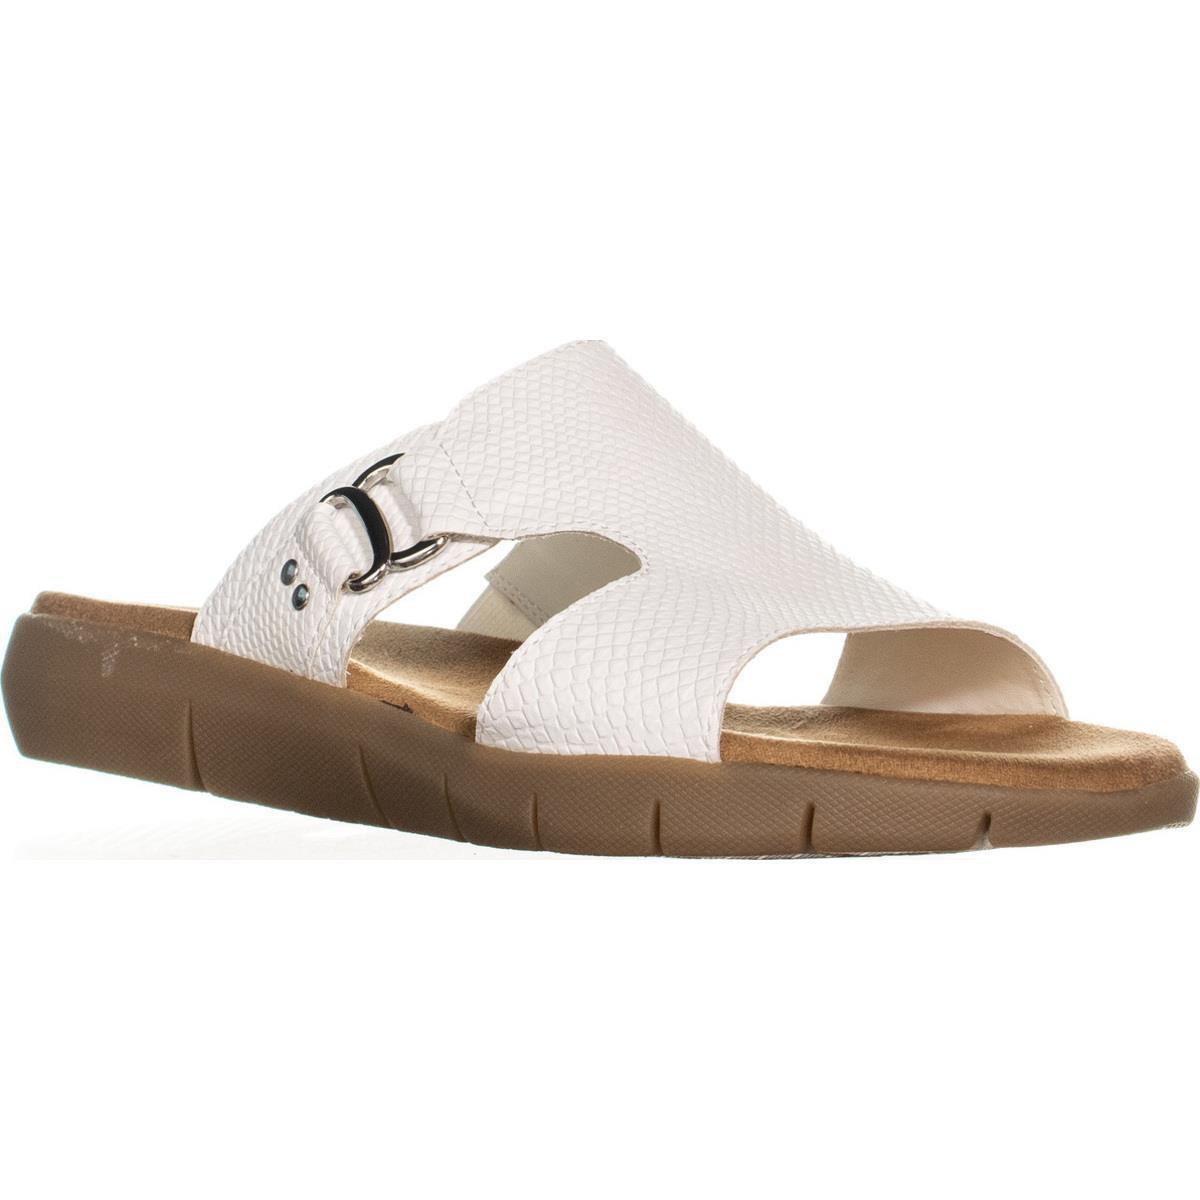 cec0ba3e77bb Lyst - Aerosoles New Wip Fisherman Memory Foam Slide Sandals in White